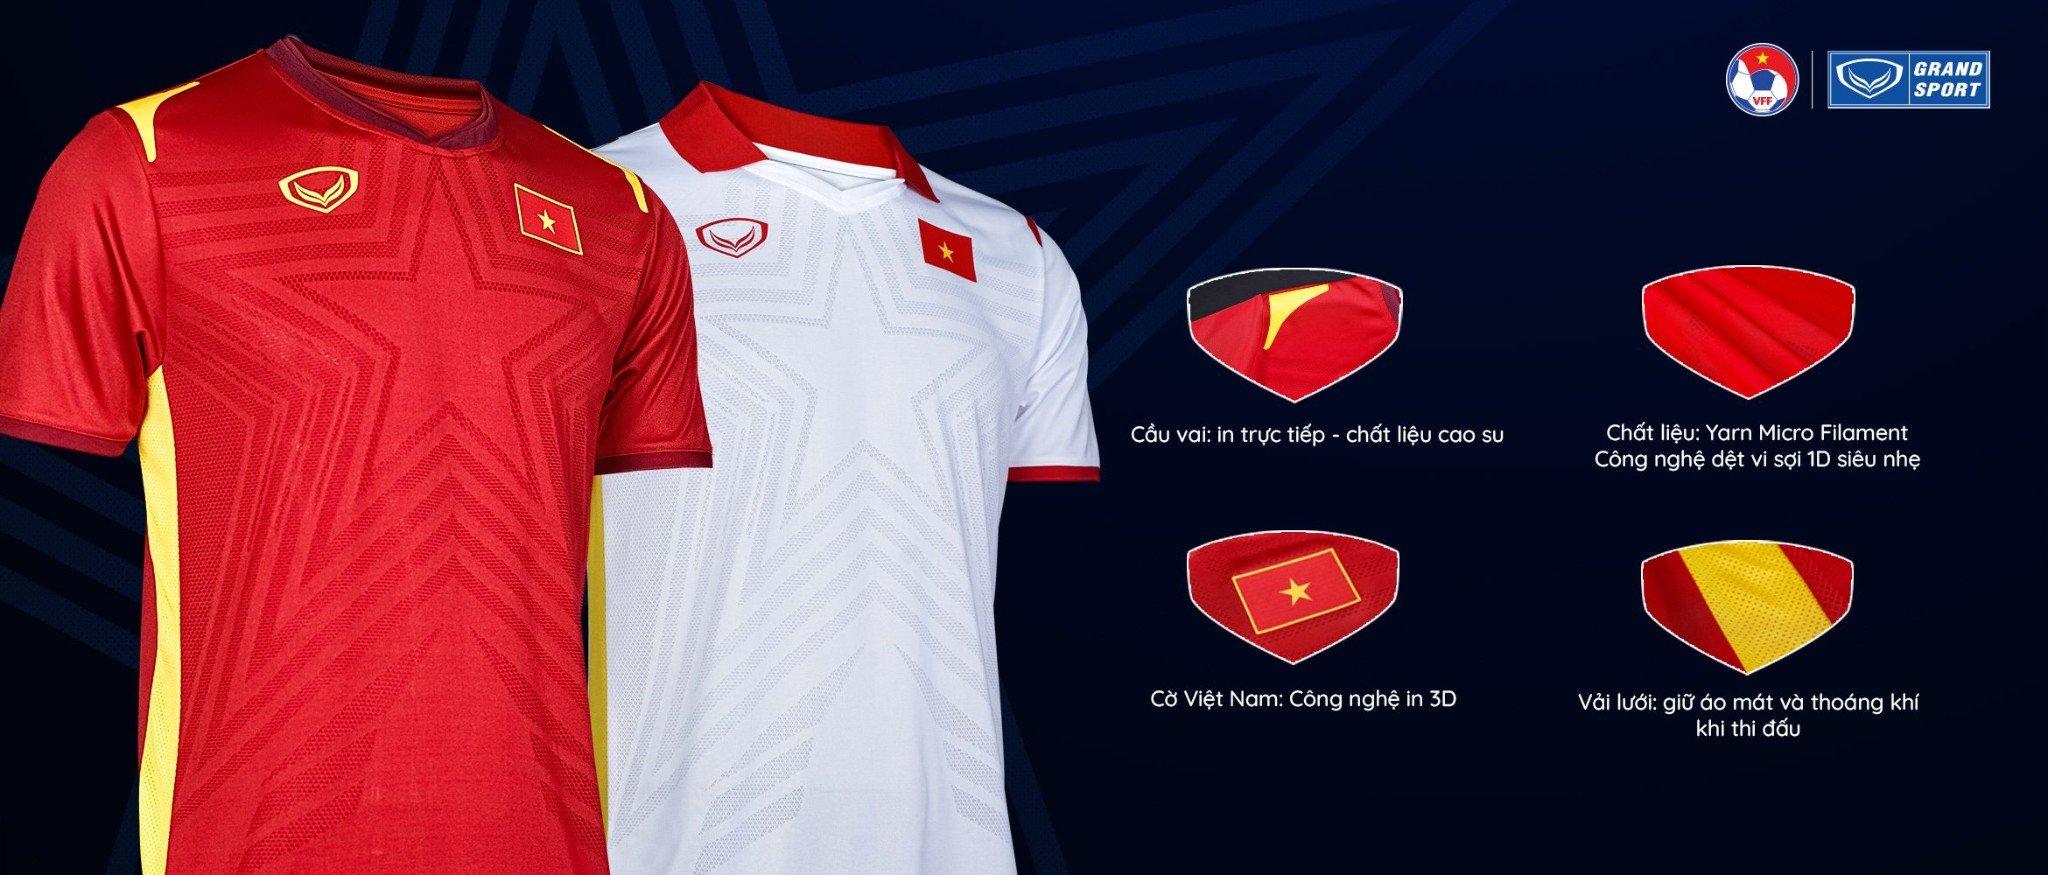 Aó thi đấu Grand Sport đội tuyển Việt Nam 2021 siêu xịn, siêu đỉnh tại Neymarsport